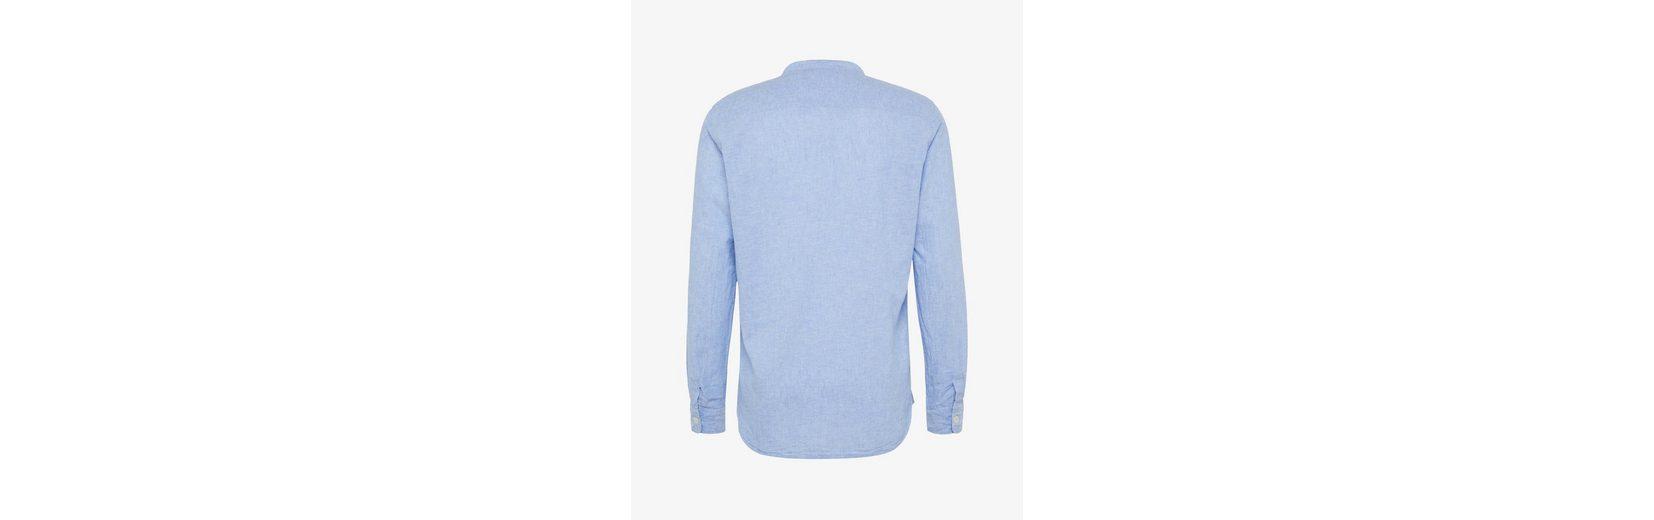 Stehkragen Tom Hemd Tailor aus Tom Leinen Hemd Baumwollgemisch mit Tailor C7ZU5OW